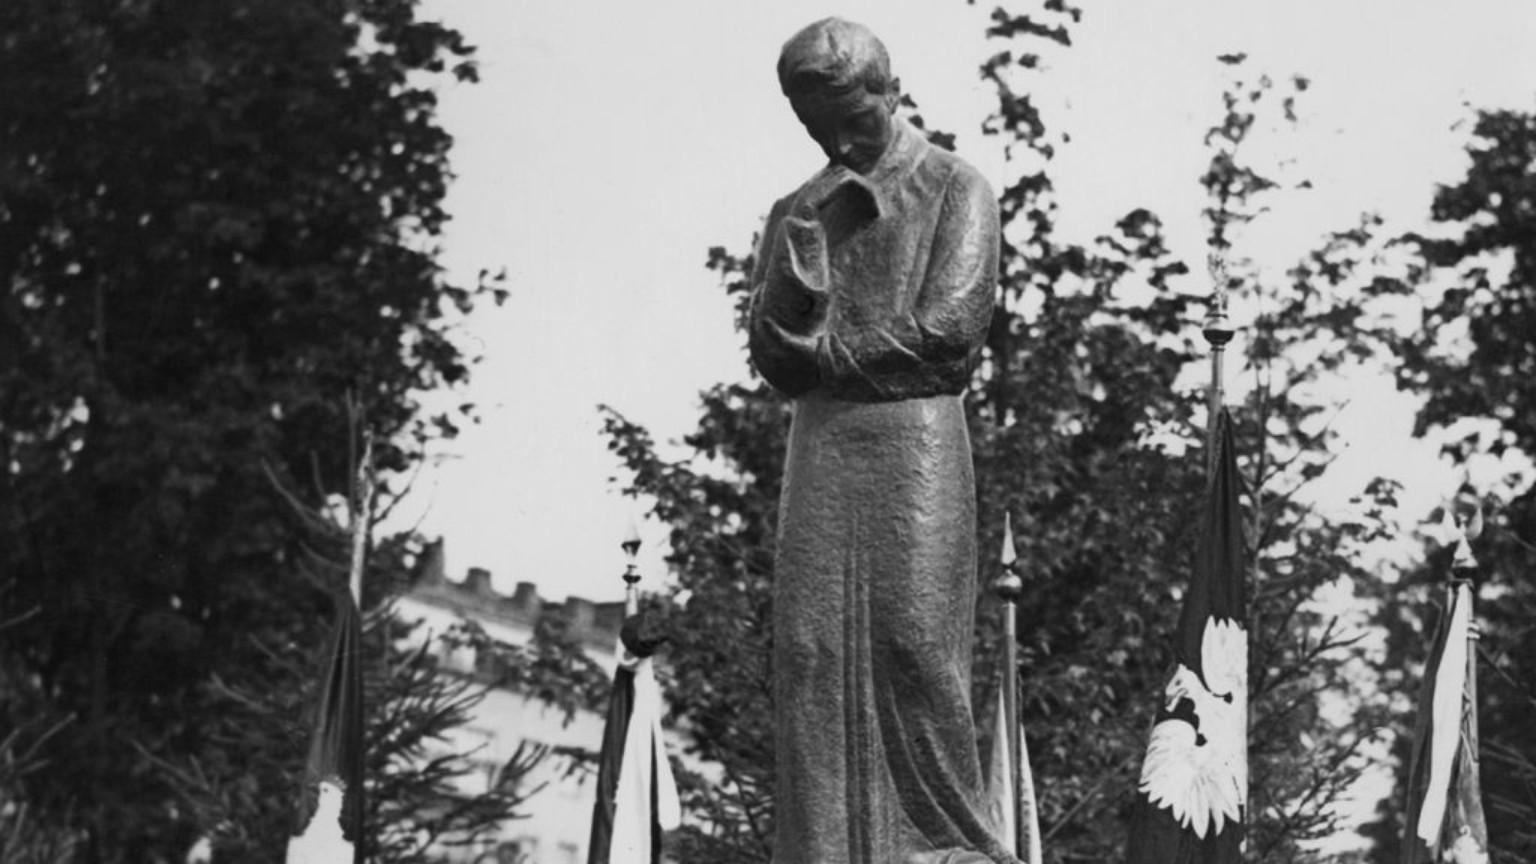 Zdjęcie dla kartki: Odsłonięcie pomnika Marii Skłodowskiej-Curie